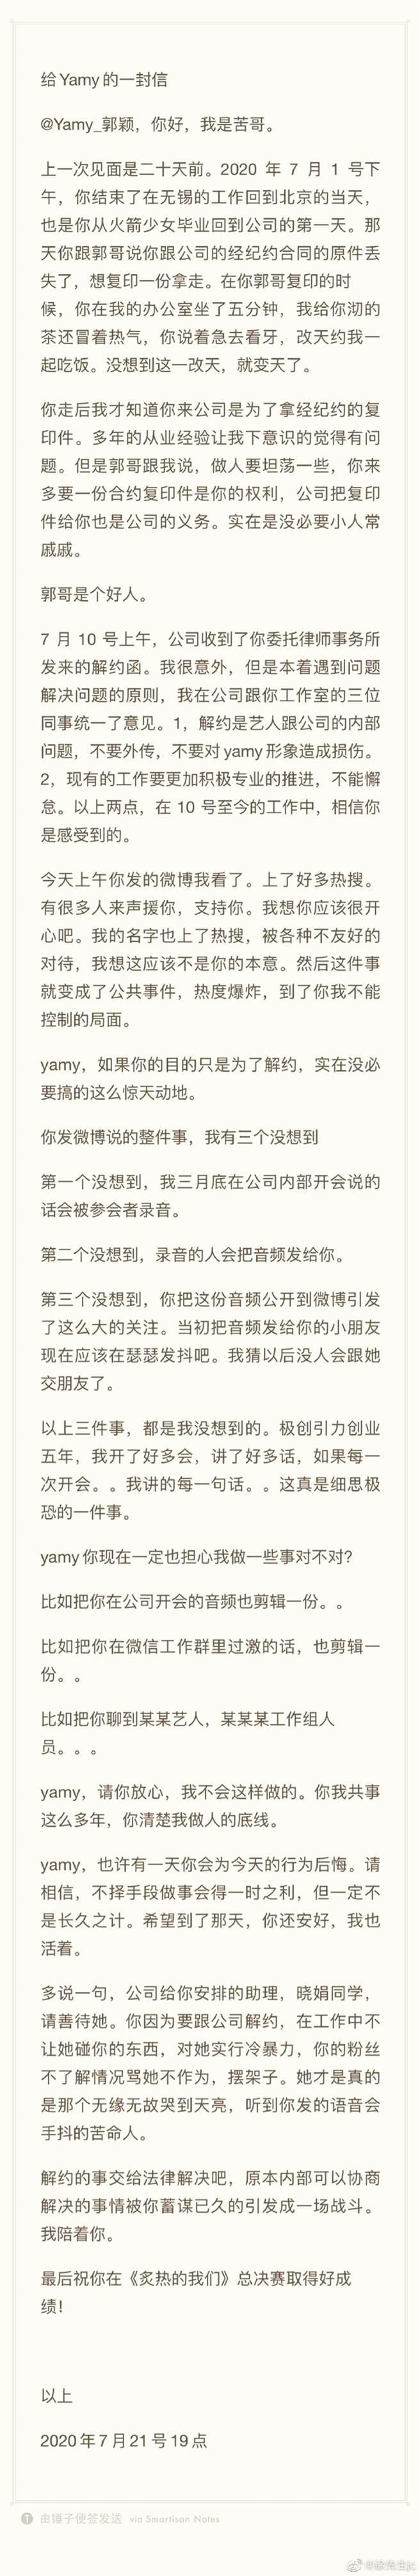 極創引力老闆徐明朝發公開信反擊。(圖/翻攝自徐先生jc微博)